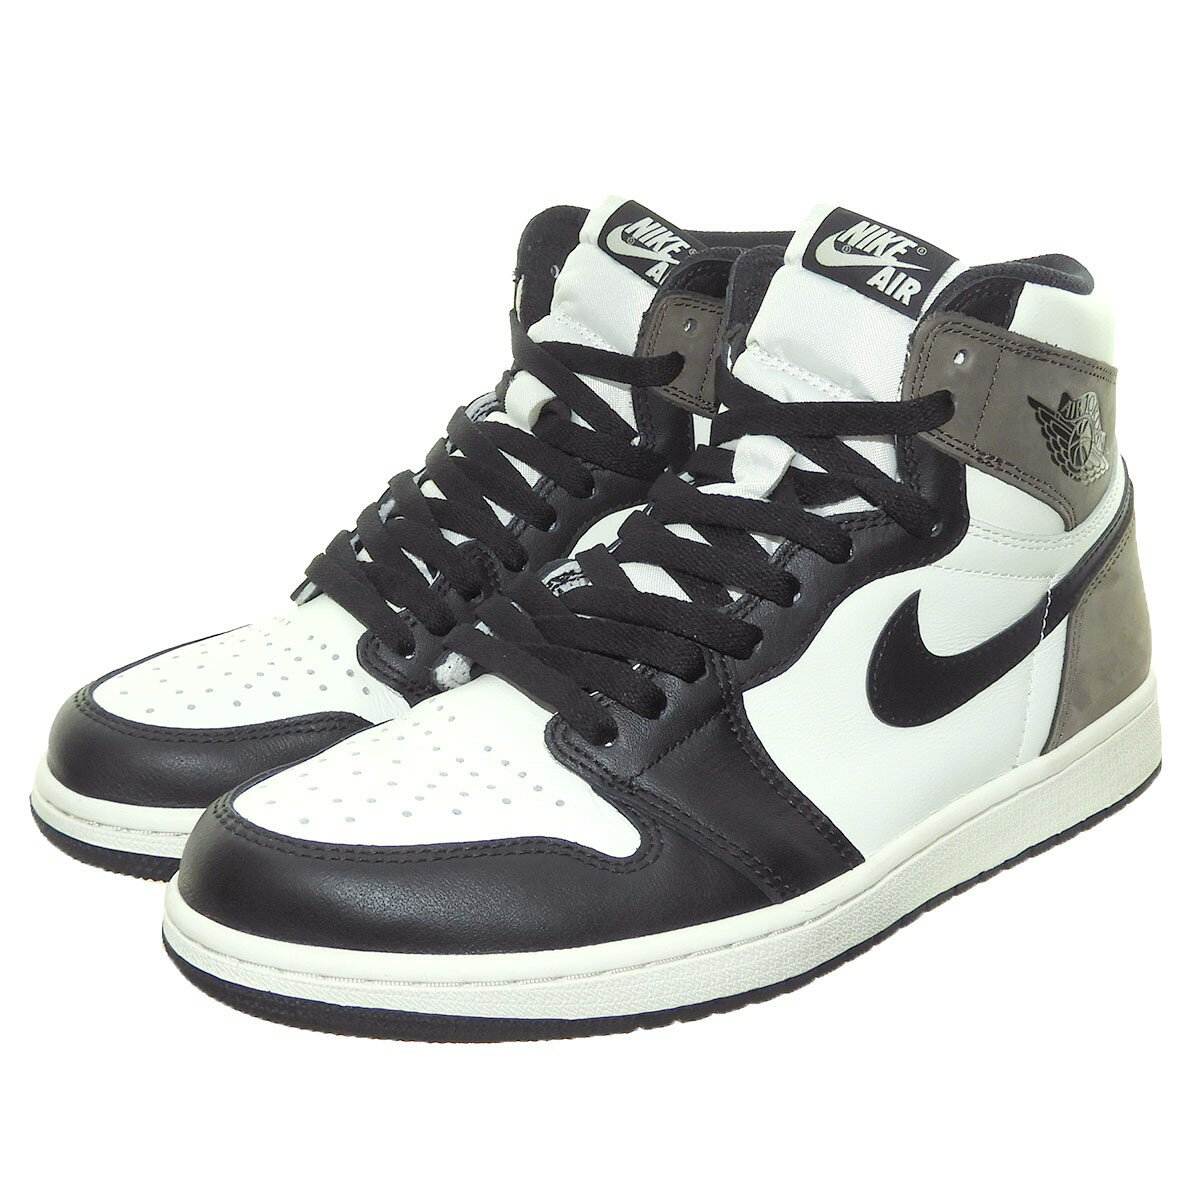 メンズ靴, スニーカー NIKE AIR JORDAN 1 RETRO HIGH OG DARK MOCHA 275cm 230421